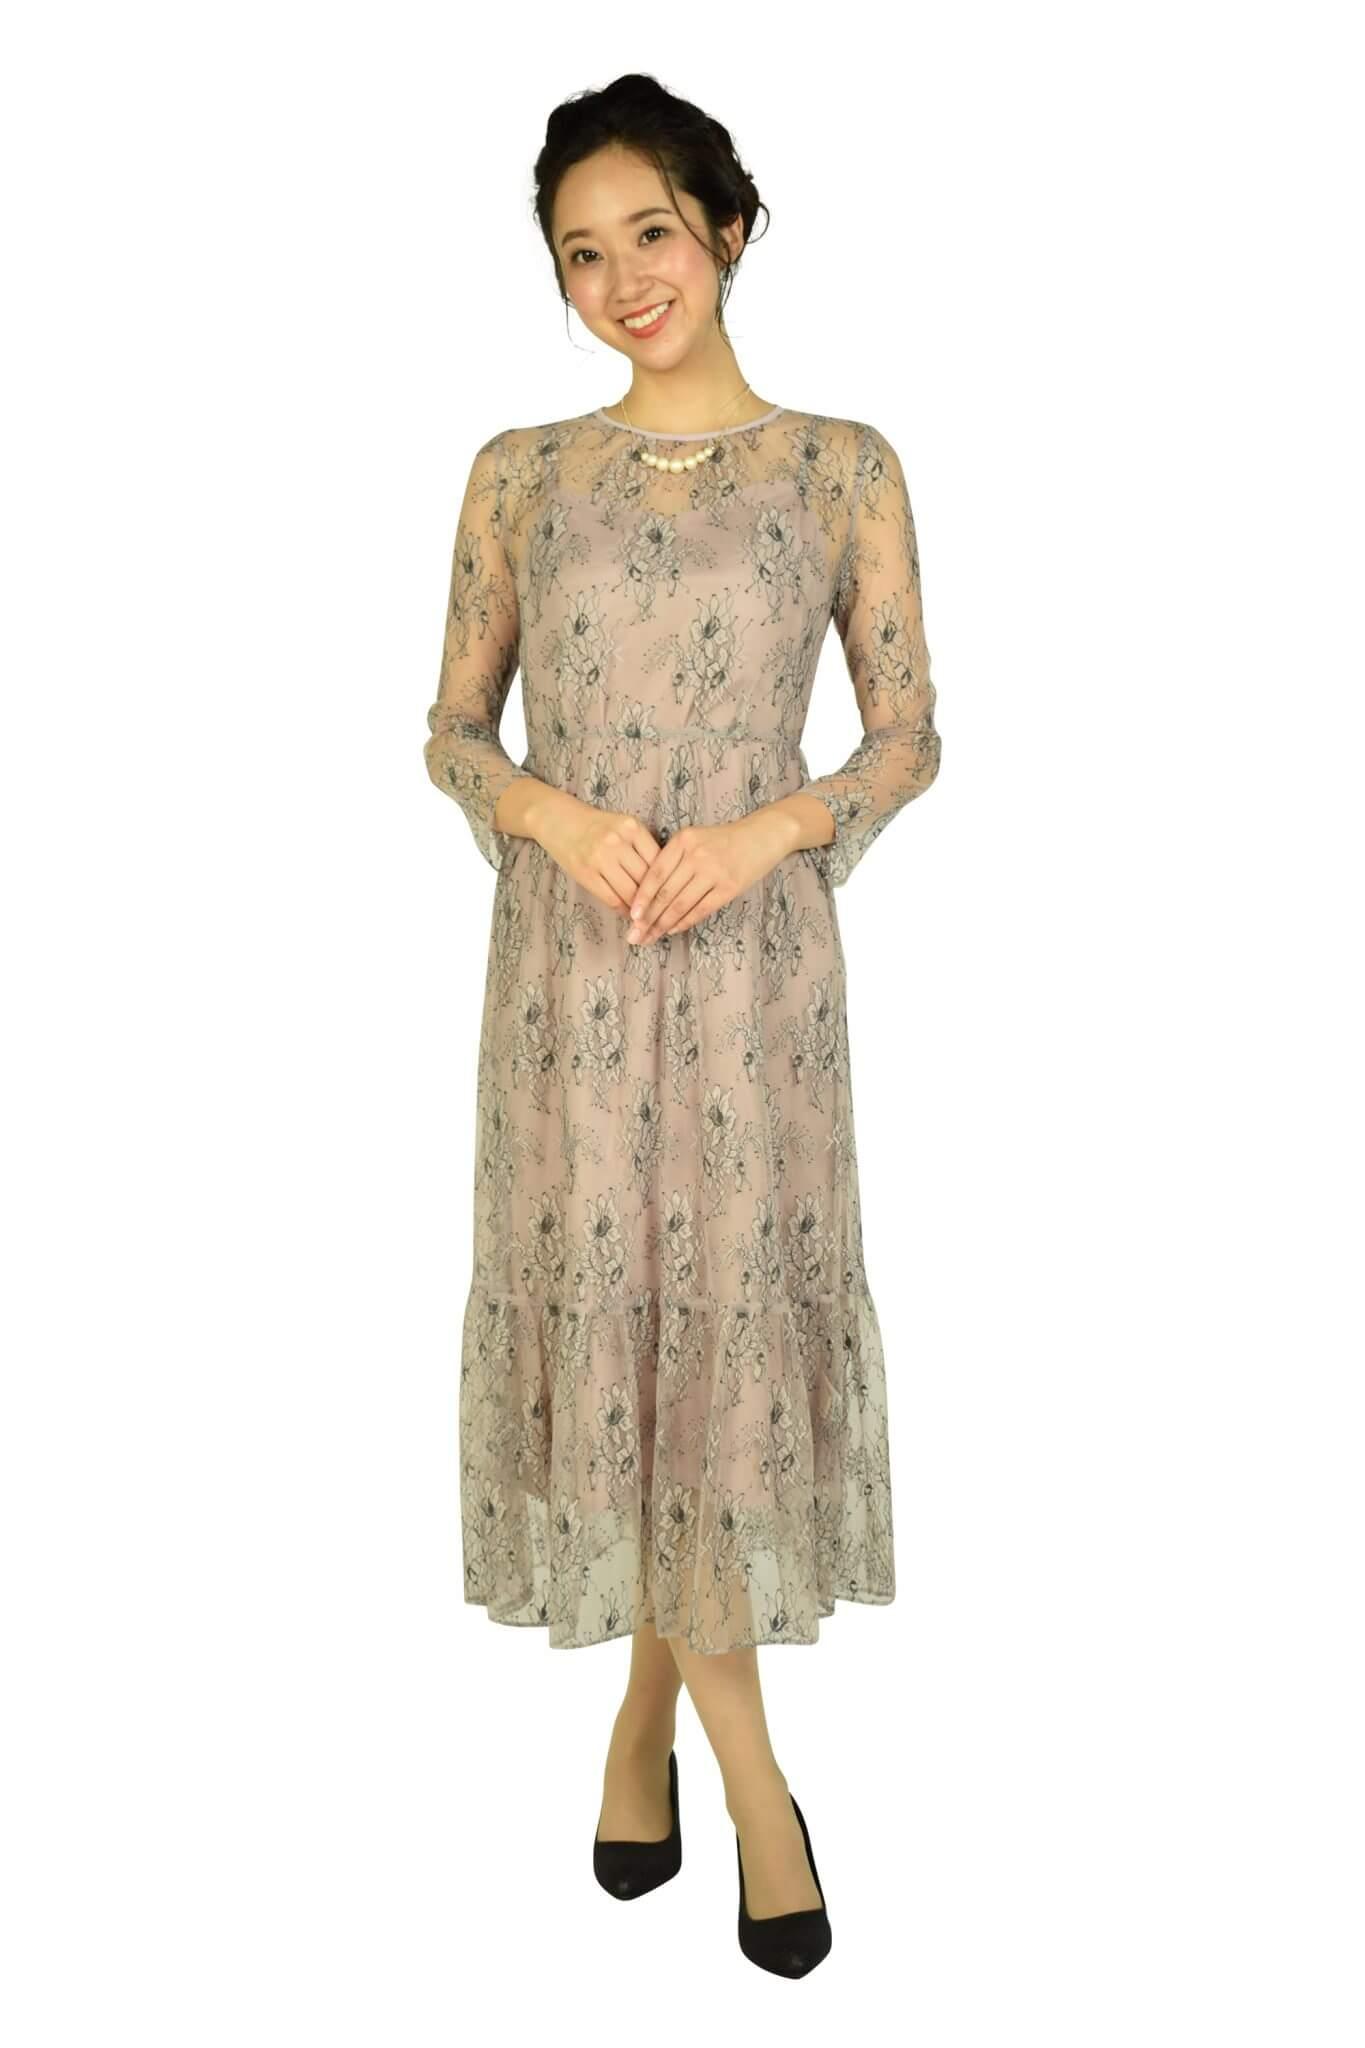 カエン (Kaene)総レースダスティーピンクドレス